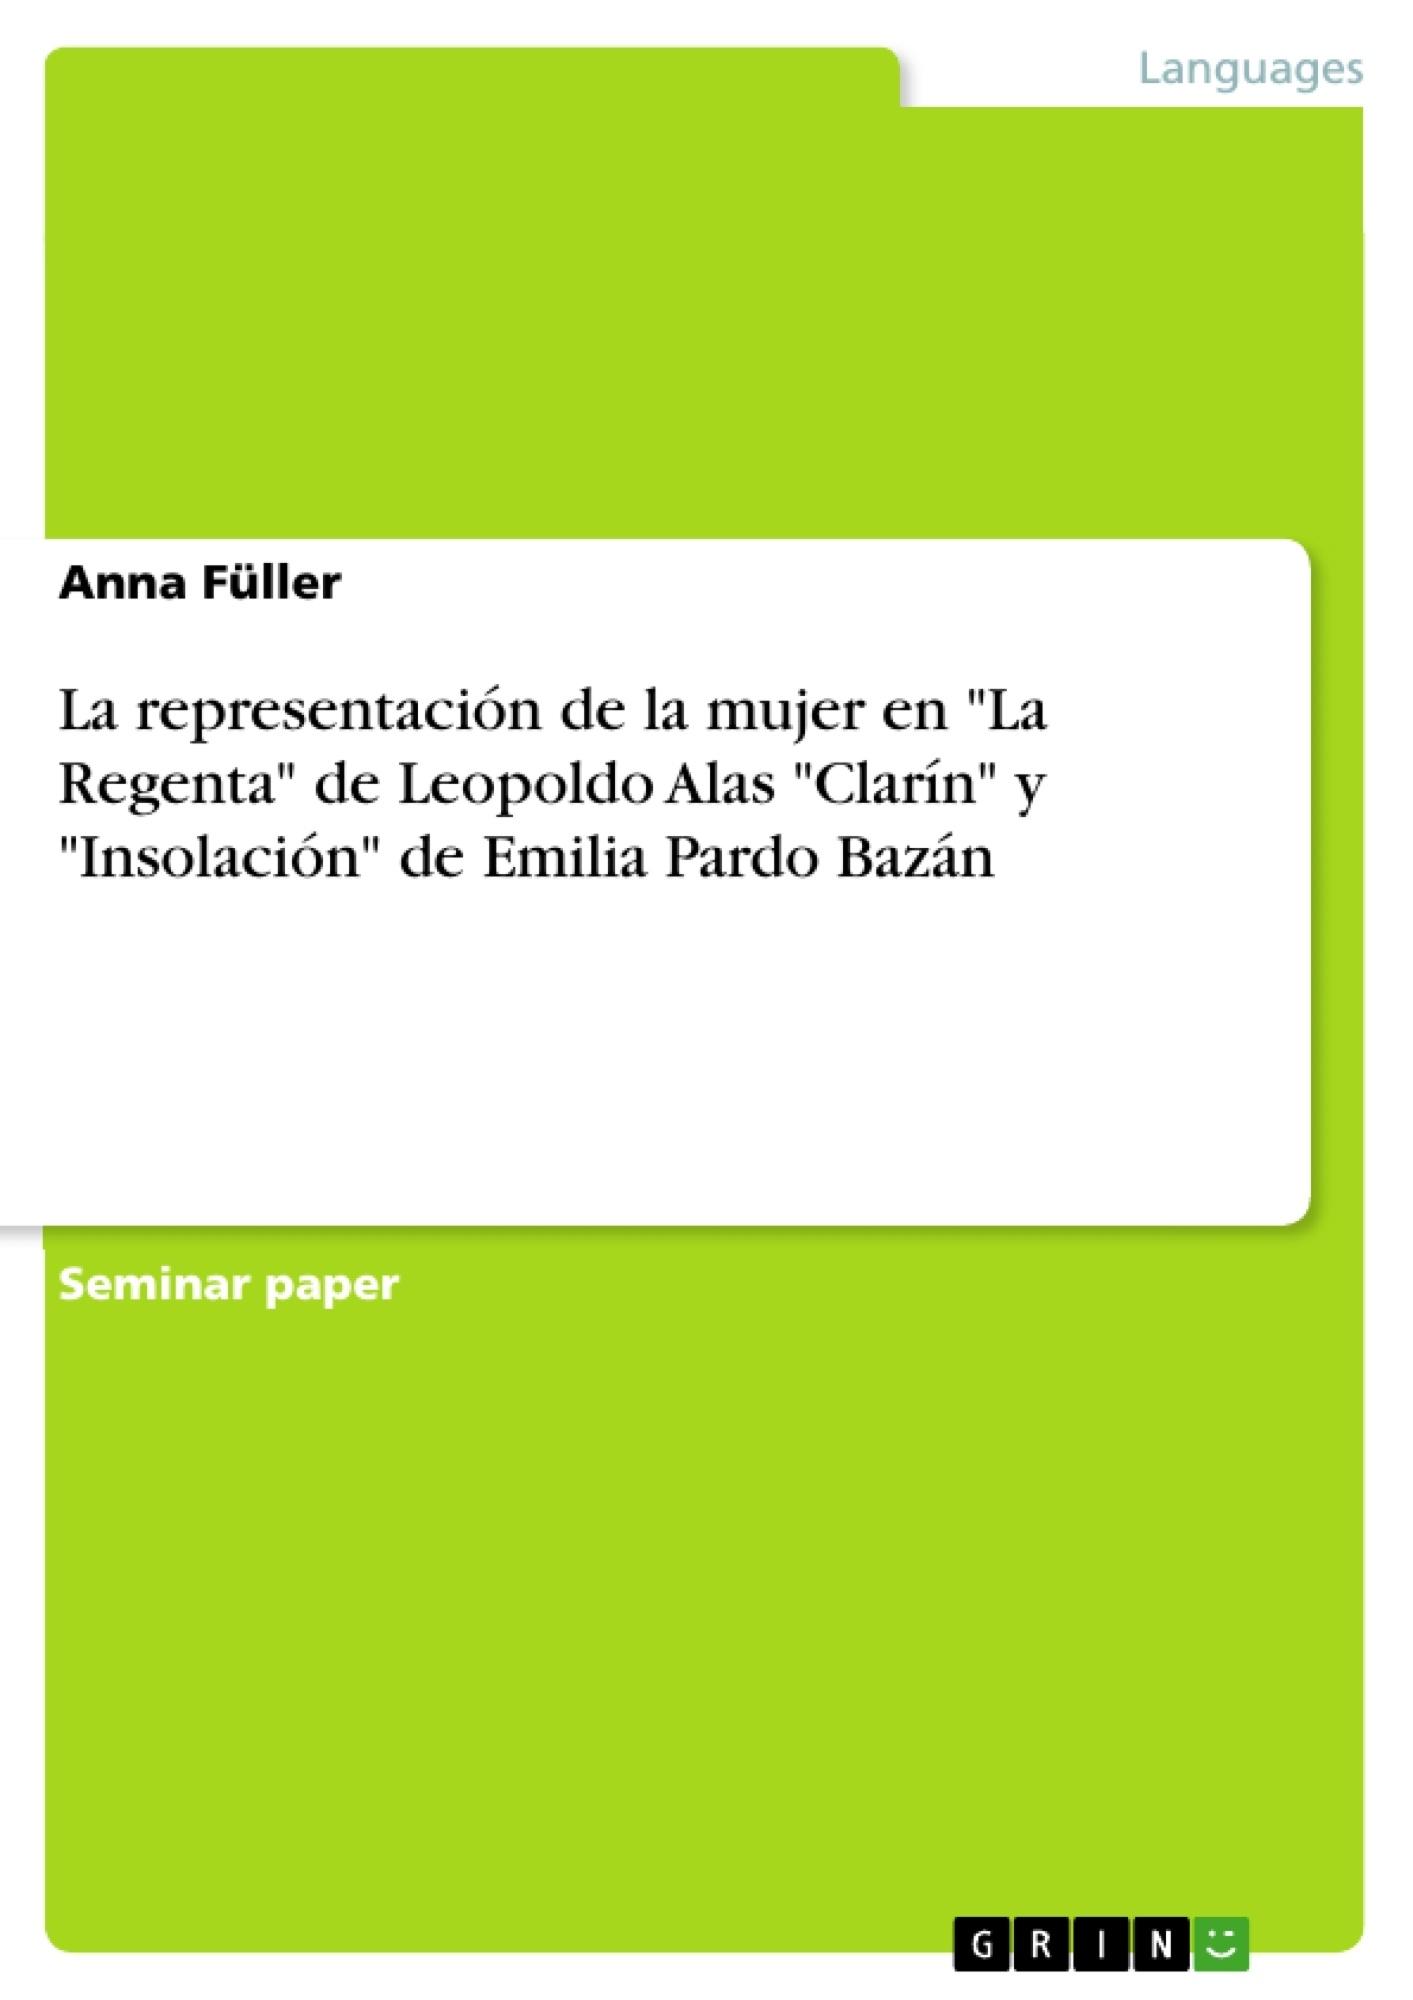 """Título: La representación de la mujer en """"La Regenta"""" de Leopoldo Alas """"Clarín"""" y """"Insolación"""" de Emilia Pardo Bazán"""